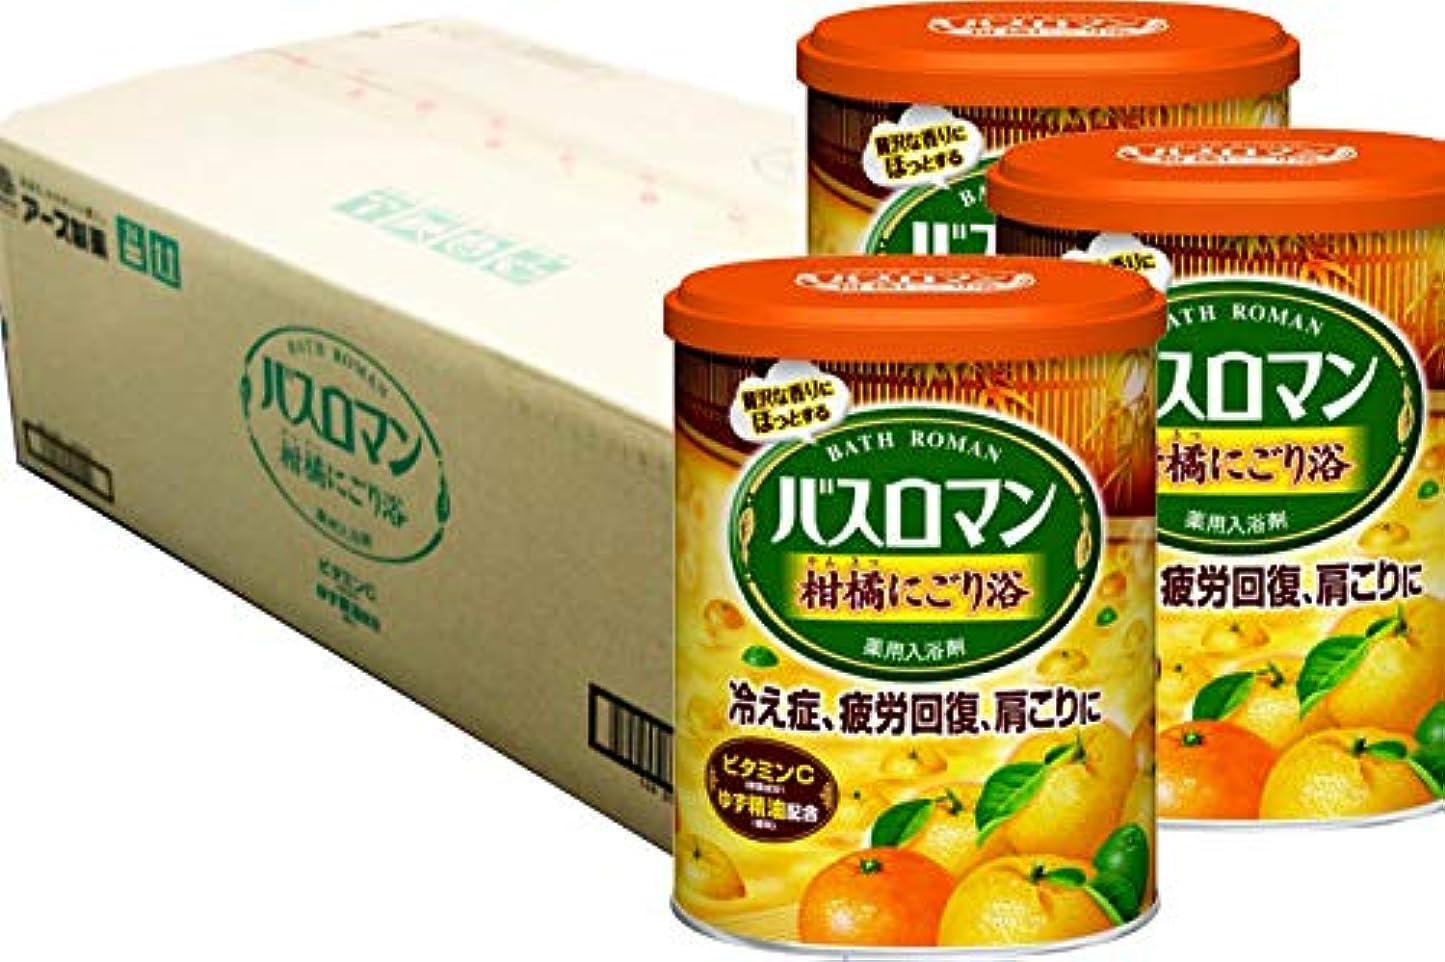 指標検査官スパイラルバスロマン 柑橘にごり浴 (1ケース(12個入))